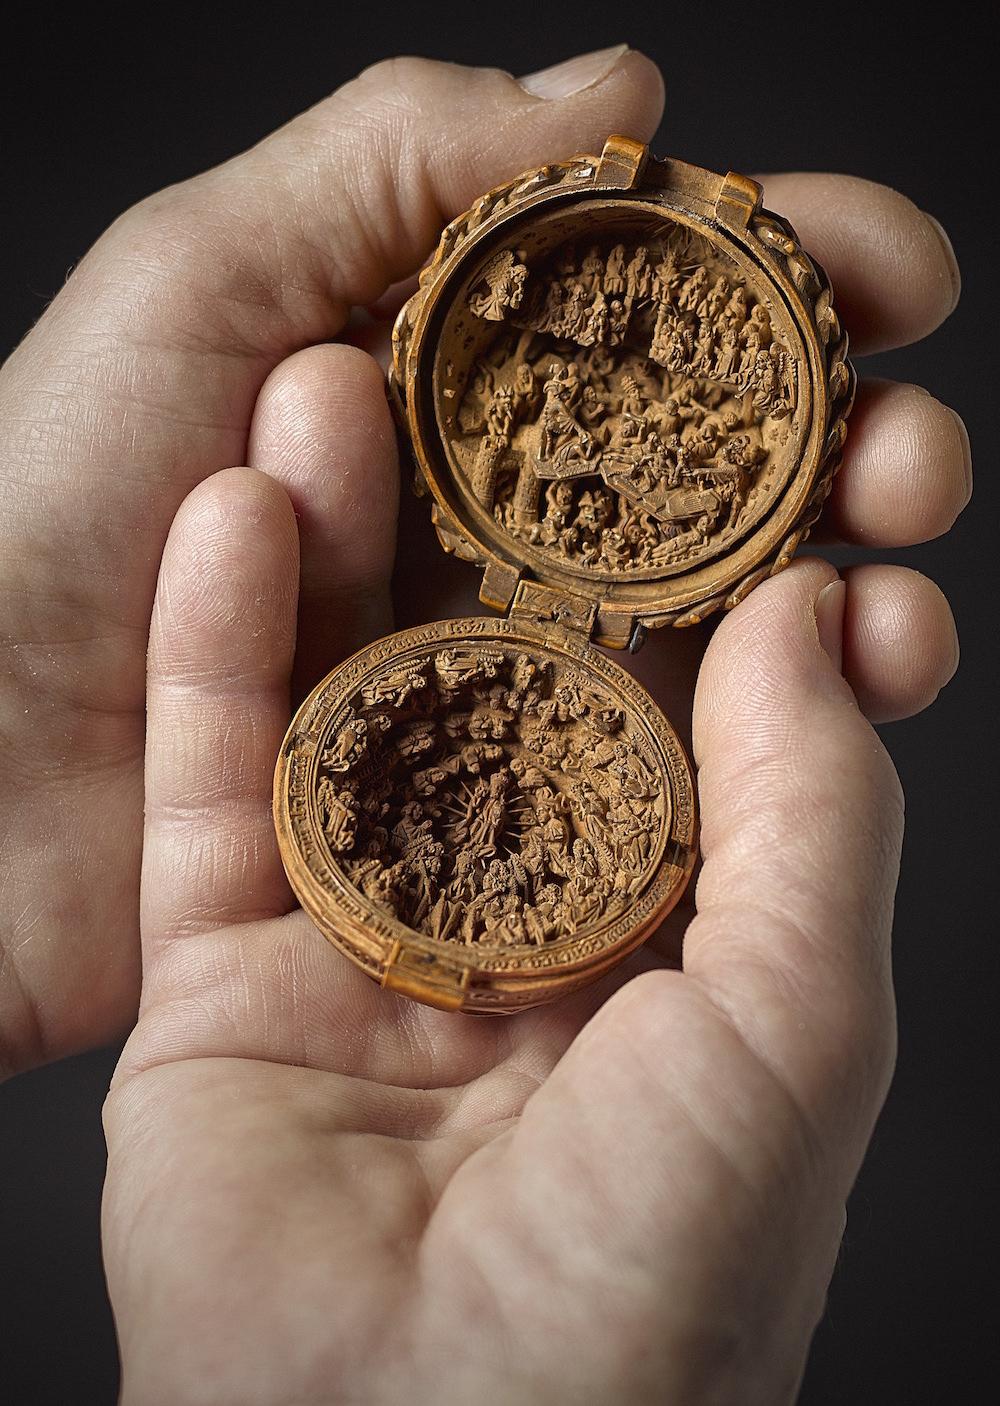 Miniatura intagliata in legno di bosso, Small wonders:gothic boxwood miniatures, foto by Craig Boyko